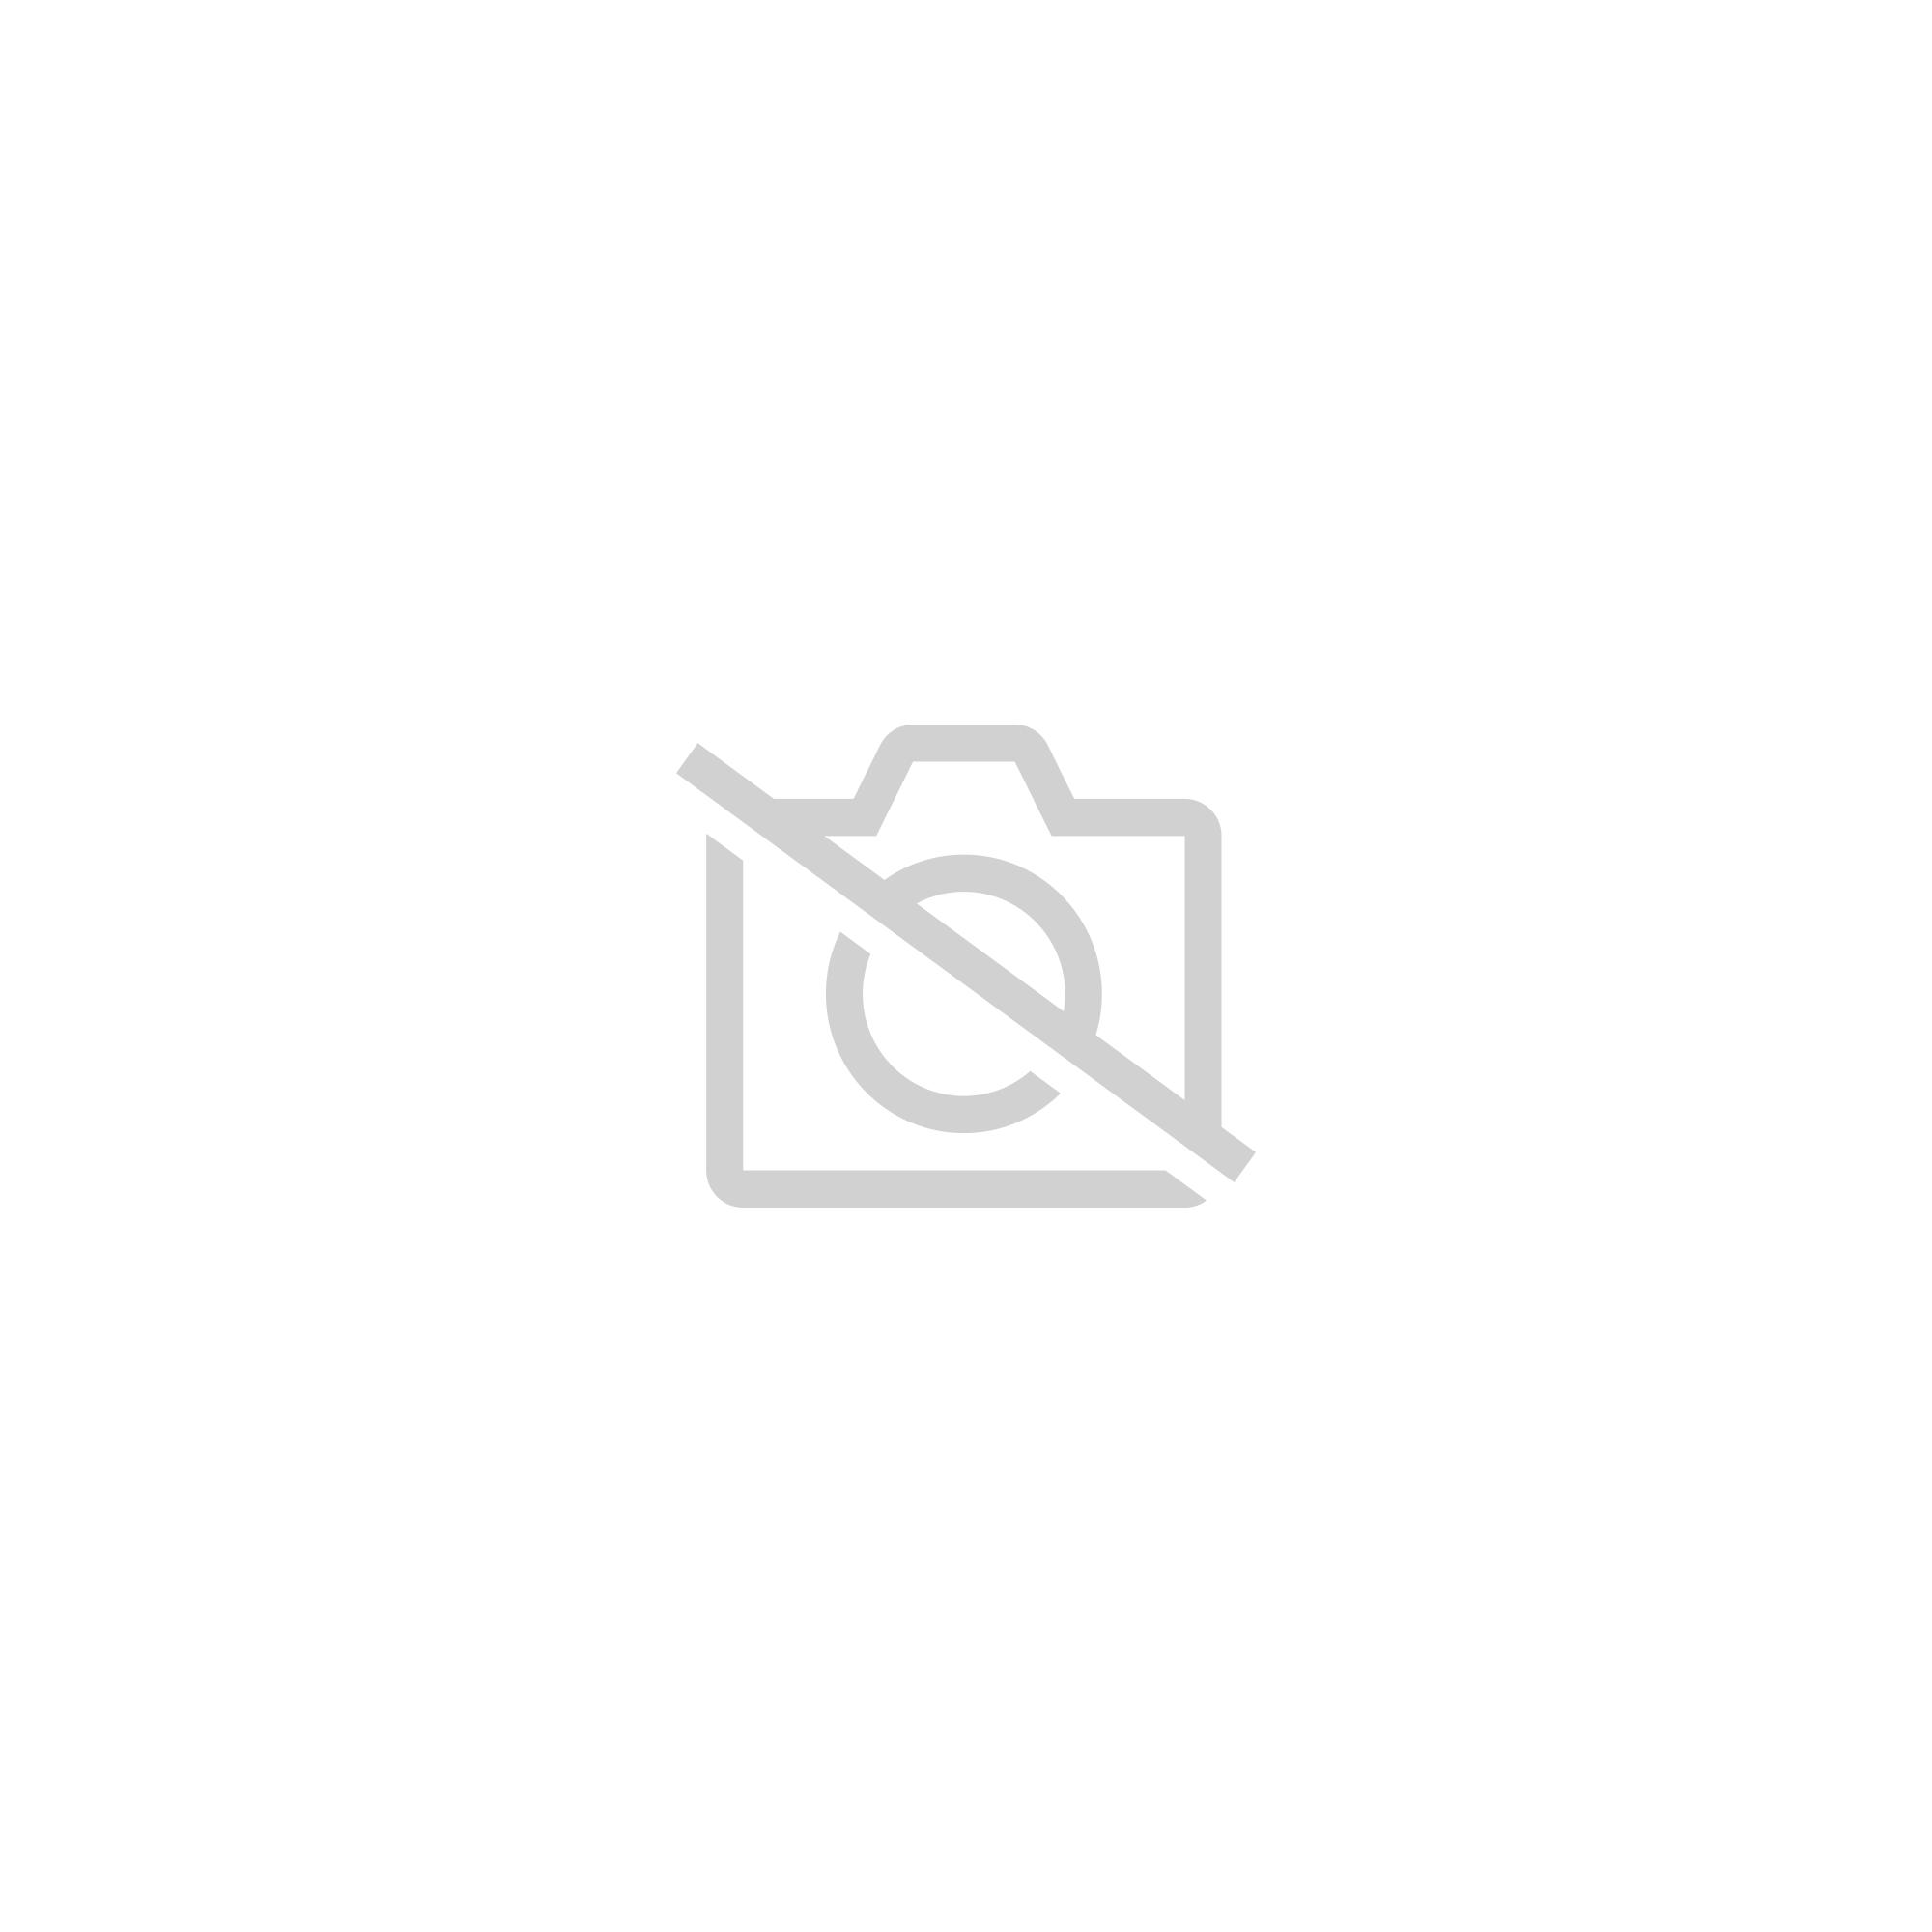 Bottes Femme Noires Fourrées Talon Épais De 2,5cm Pied Caoutchouc